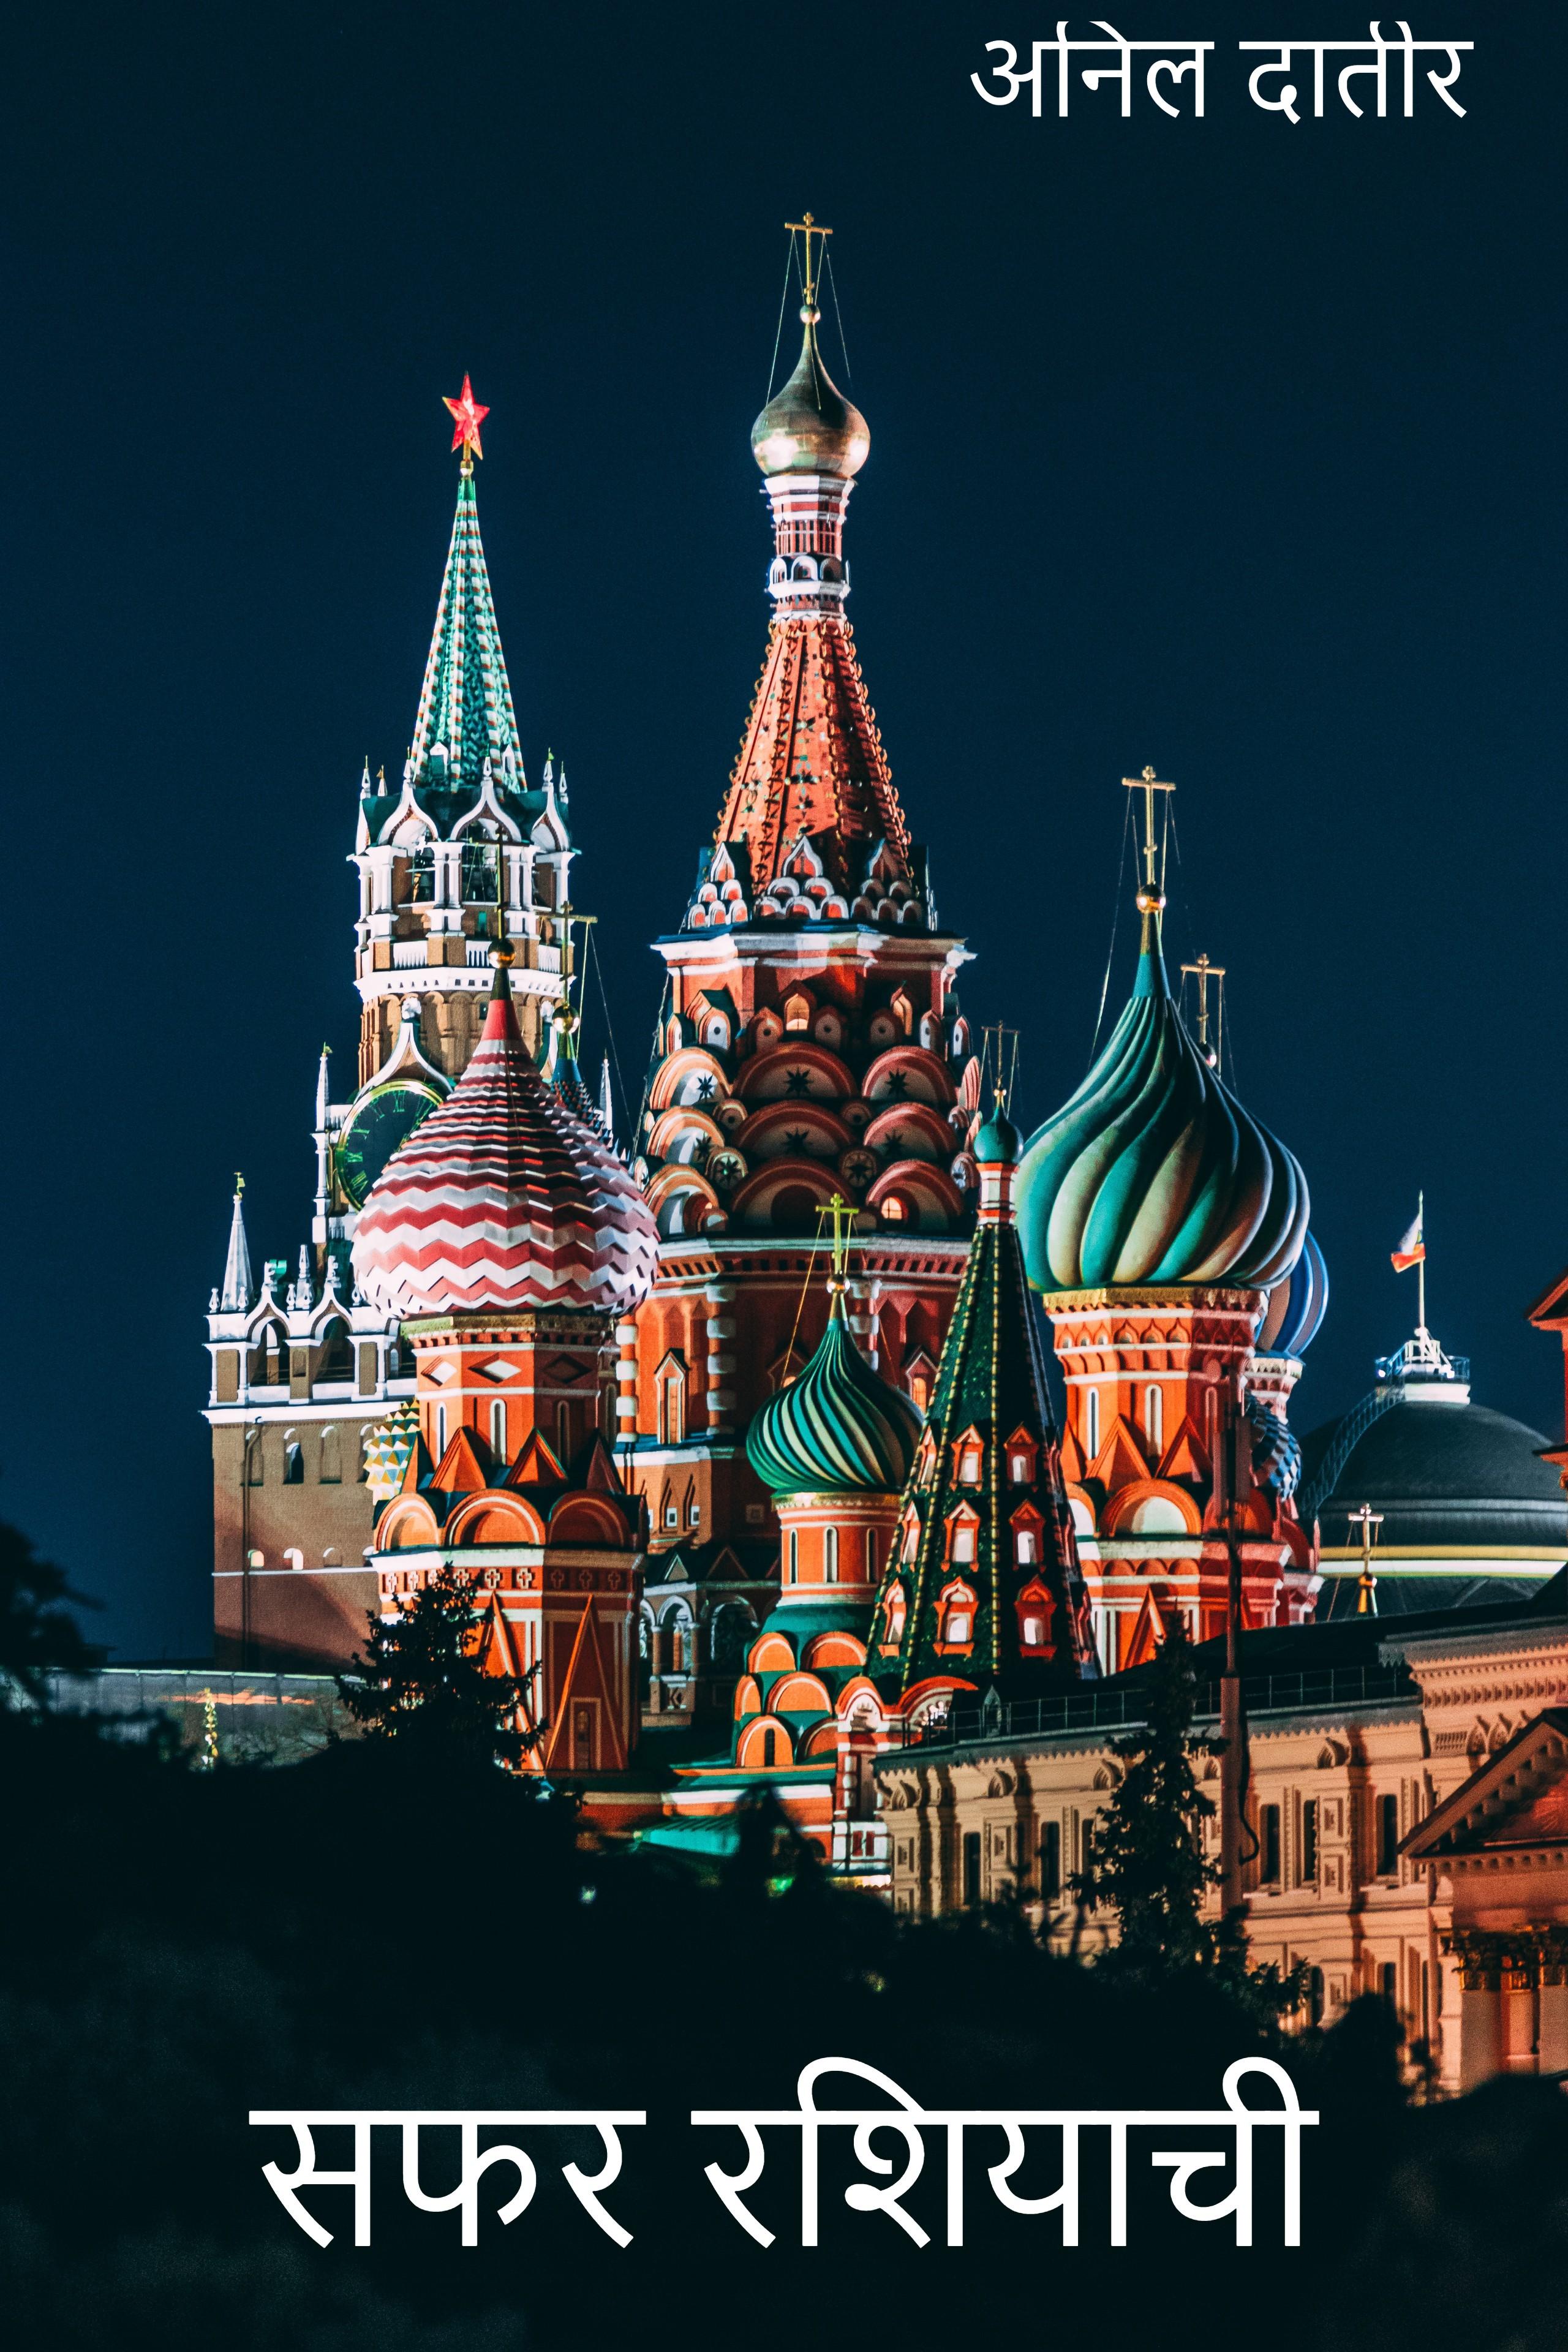 सफर रशियाची